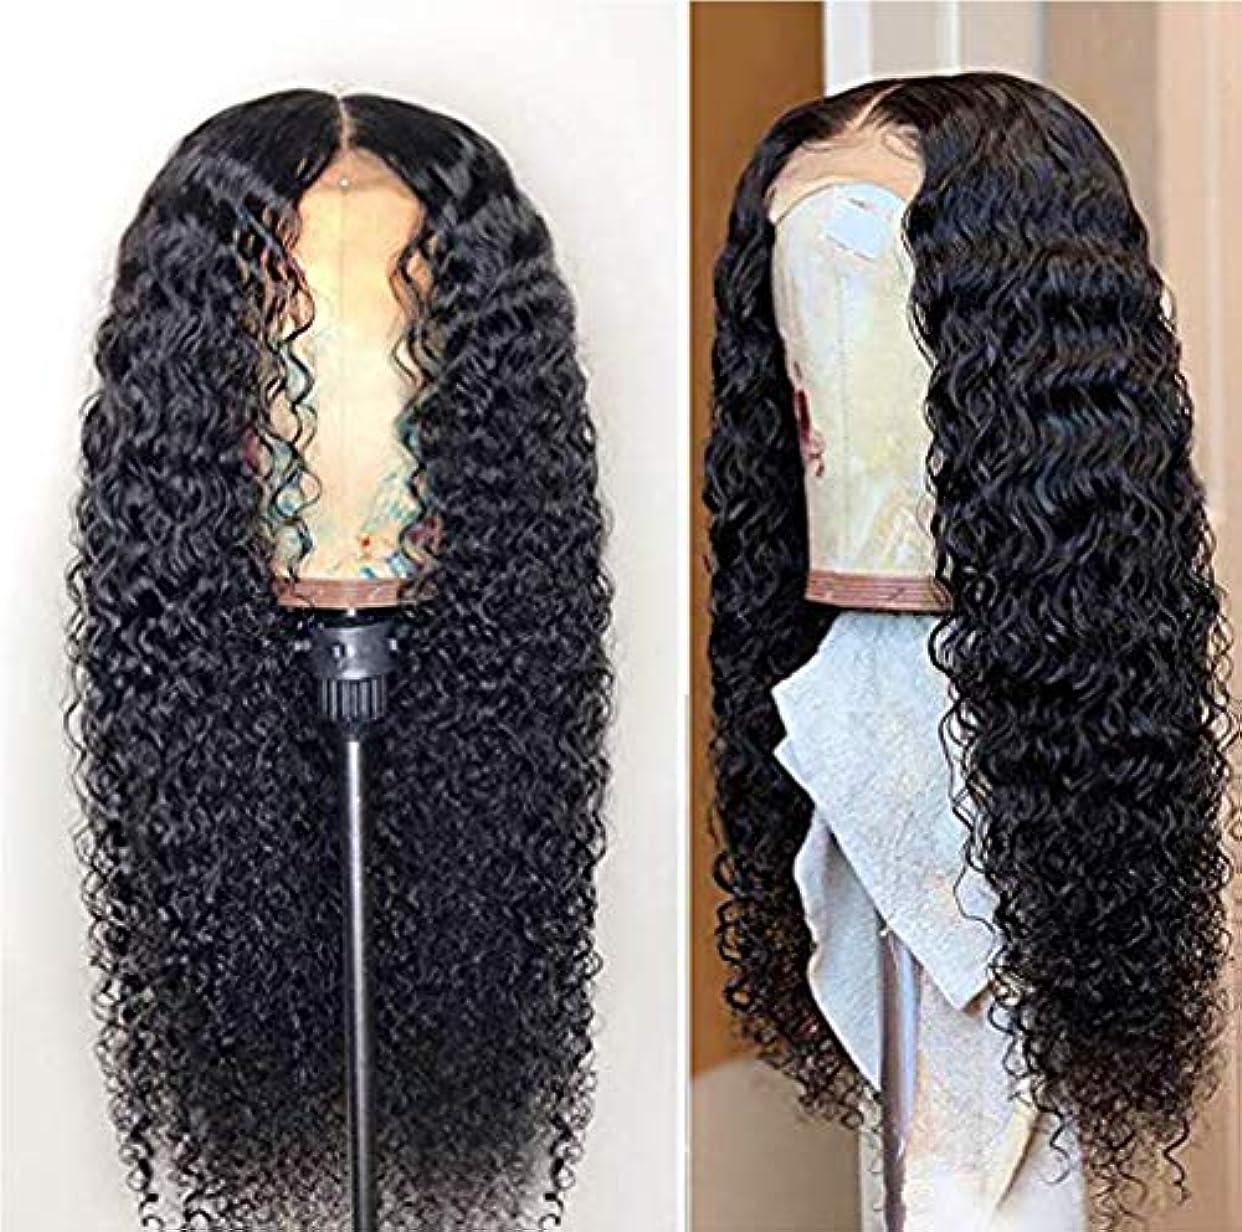 膨らませる輪郭散歩女性150%密度フロントレースかつら耐熱合成長い髪の合成かつら側部かつら